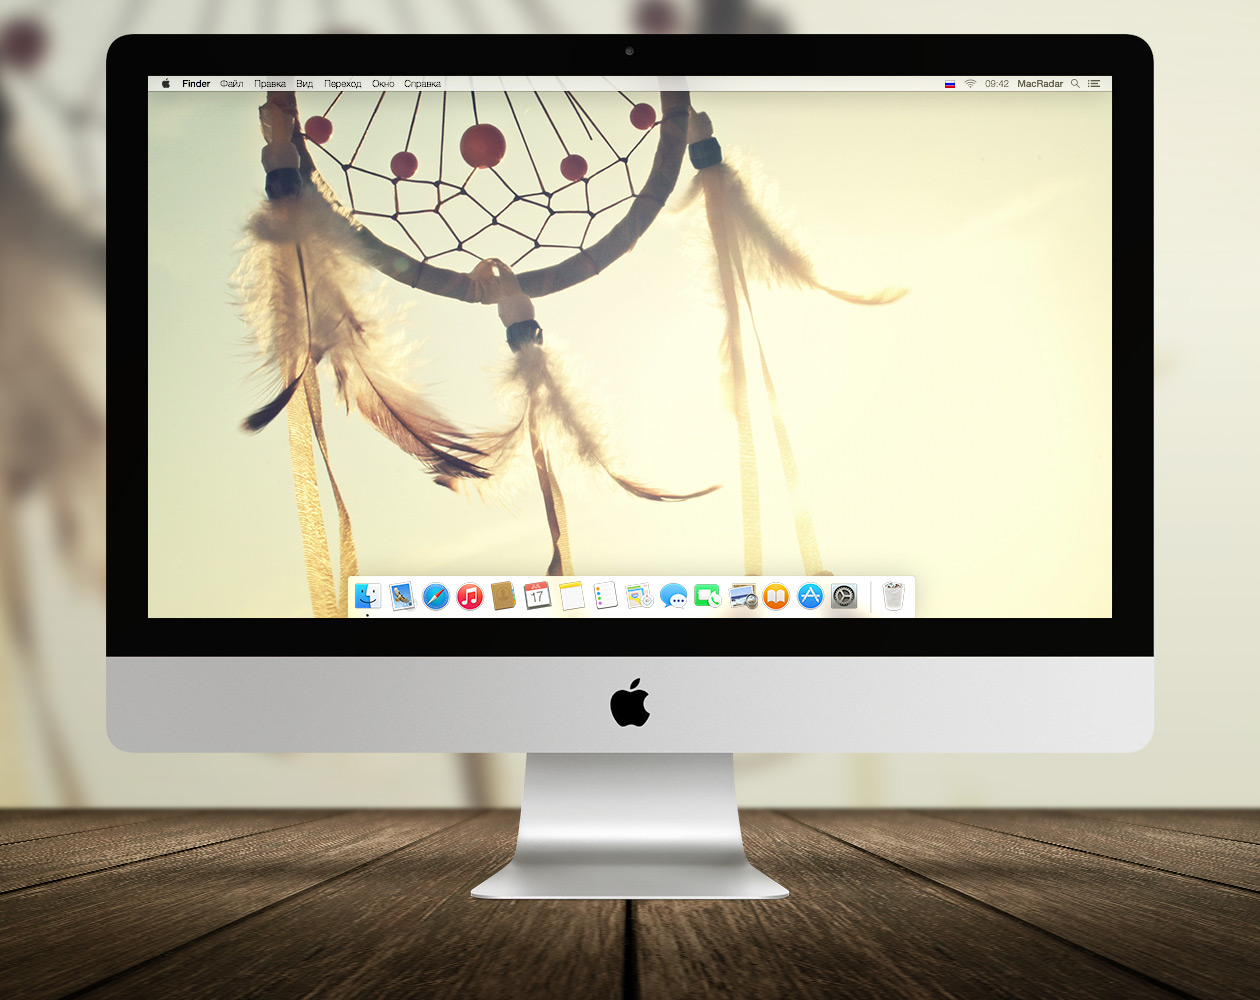 Обои для OS X: Спокойствие и умиротворение